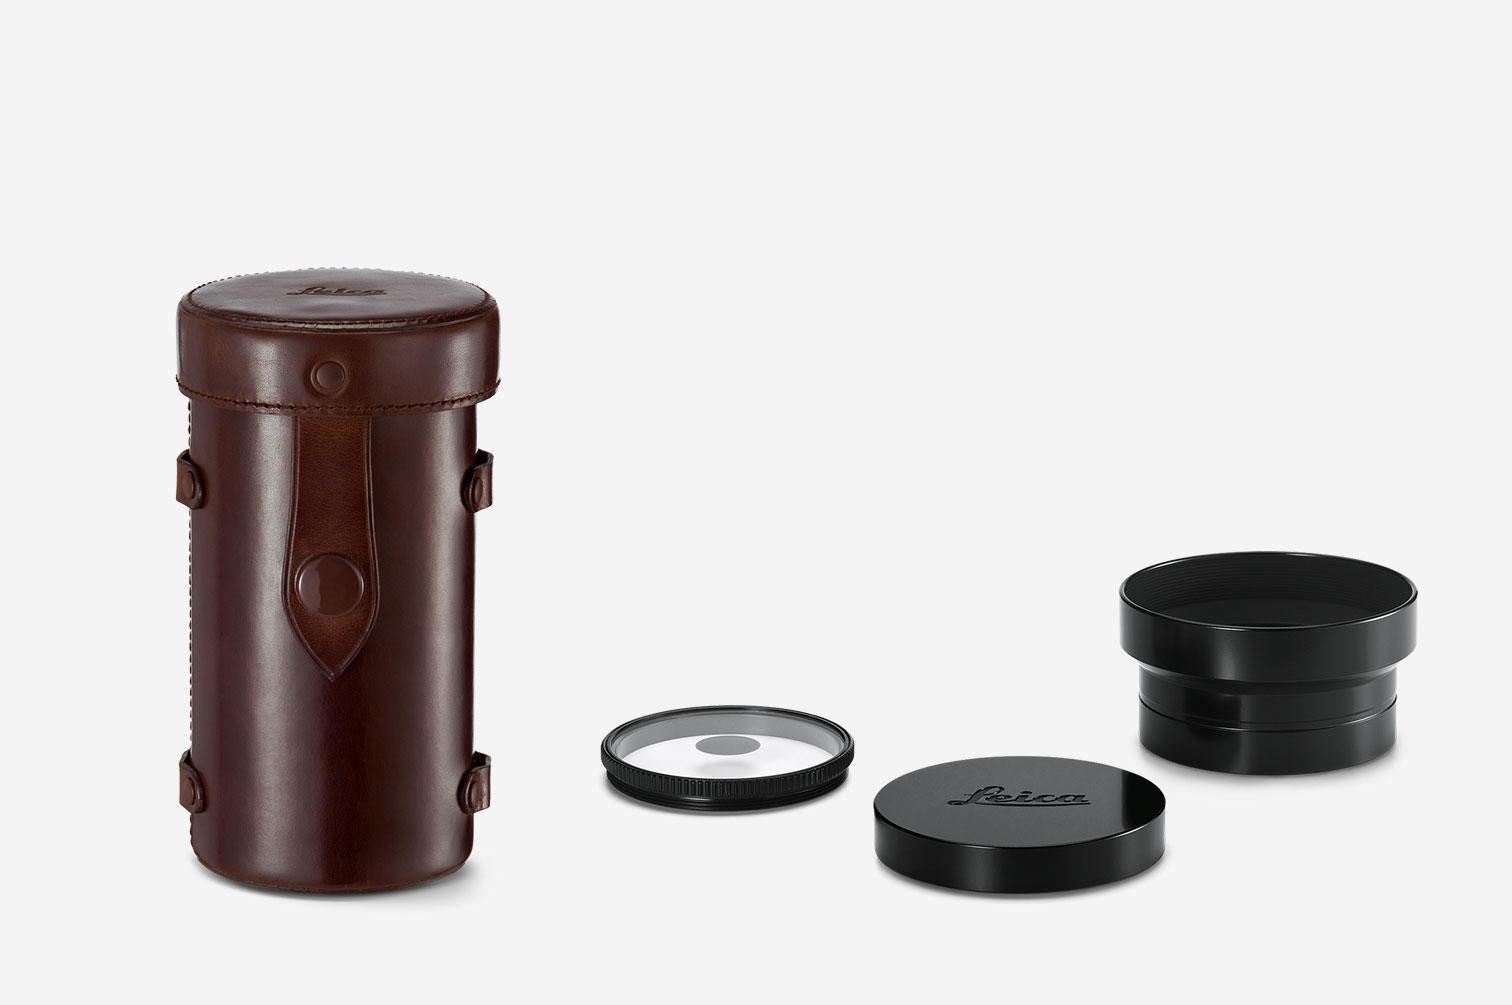 Комплект поставки объектива Leica Thambar M 90mm f/2.2